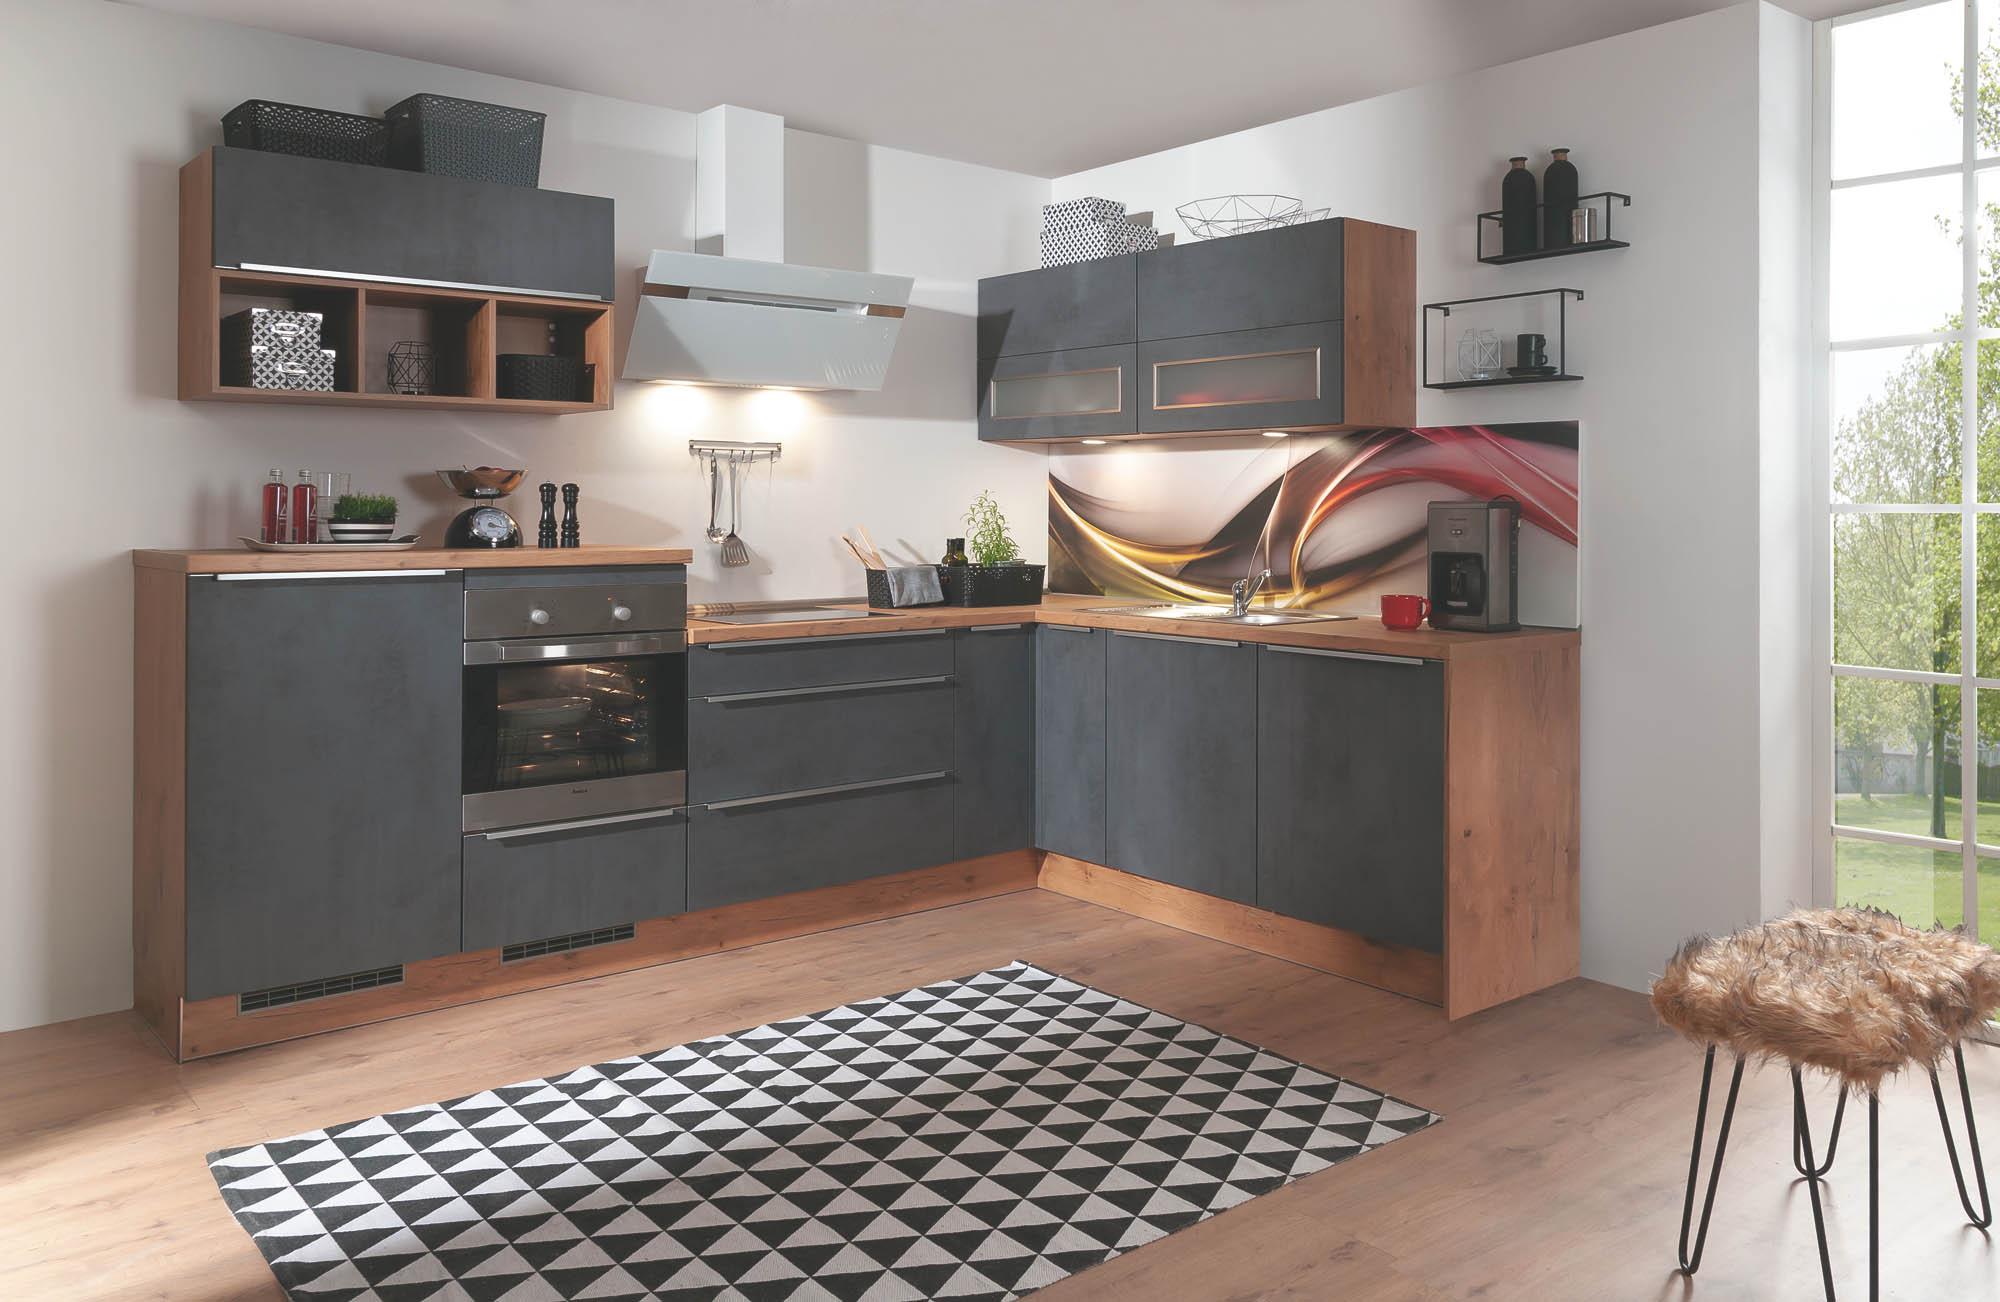 Full Size of Betonoptik Küchenwand Küche Mit Betonoptik Arbeitsplatte Fliesenspiegel Steinoptik Küche Farbe Betonoptik Küche Küche Betonoptik Küche